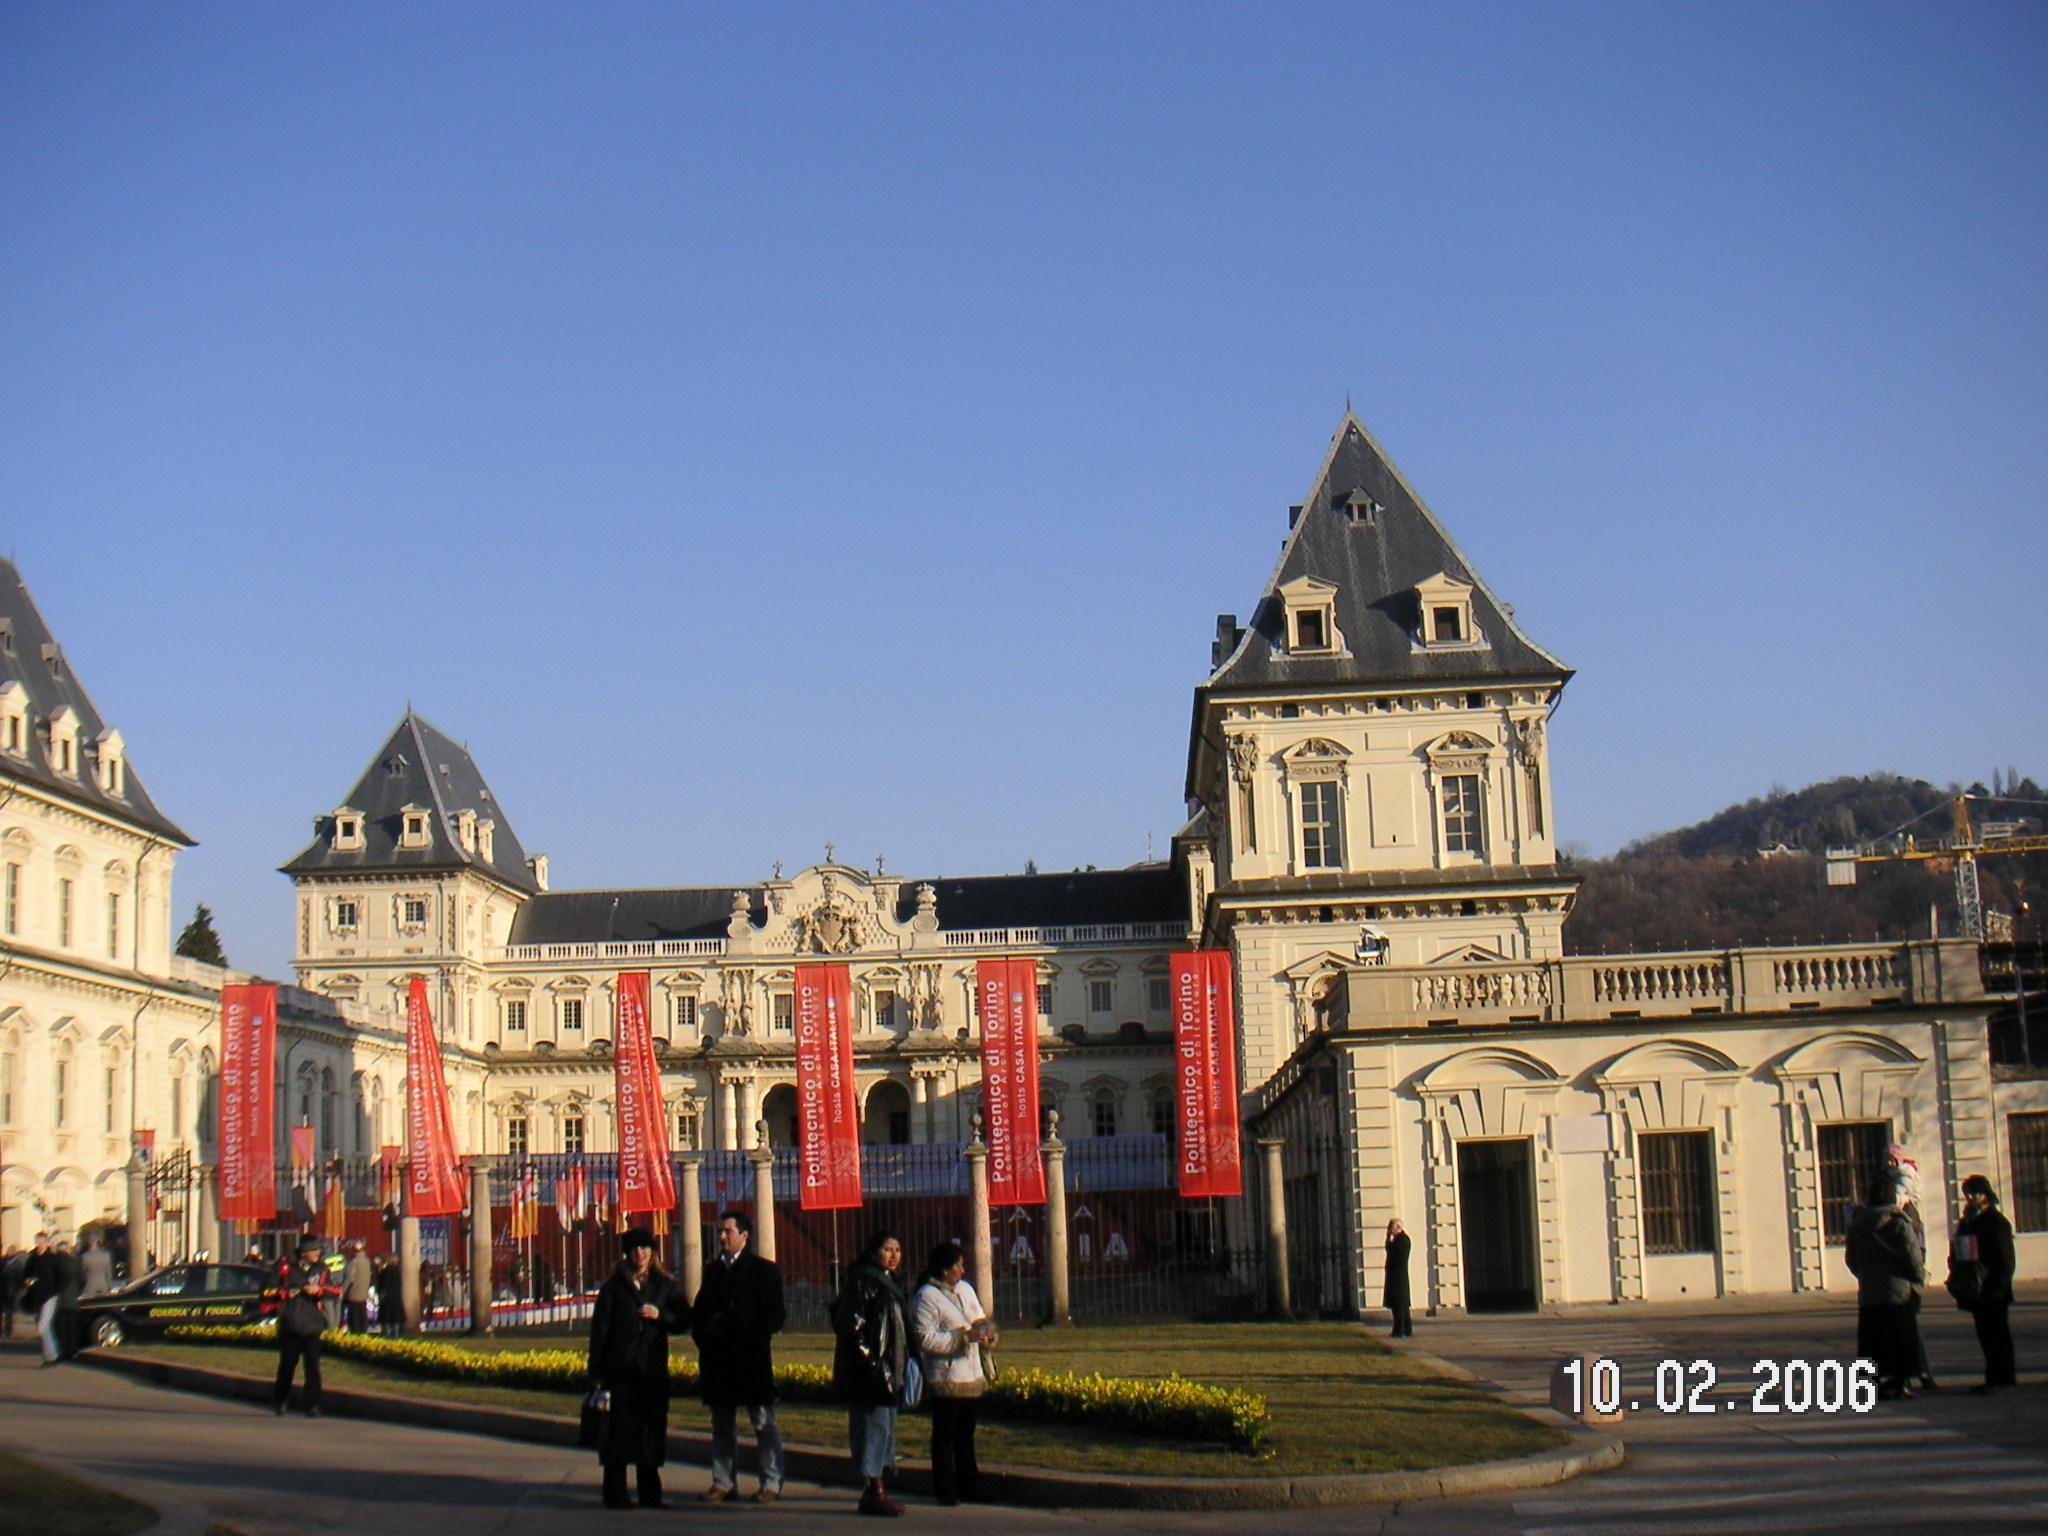 File:Torino 2006 casa Italia.jpg - Wikipedia